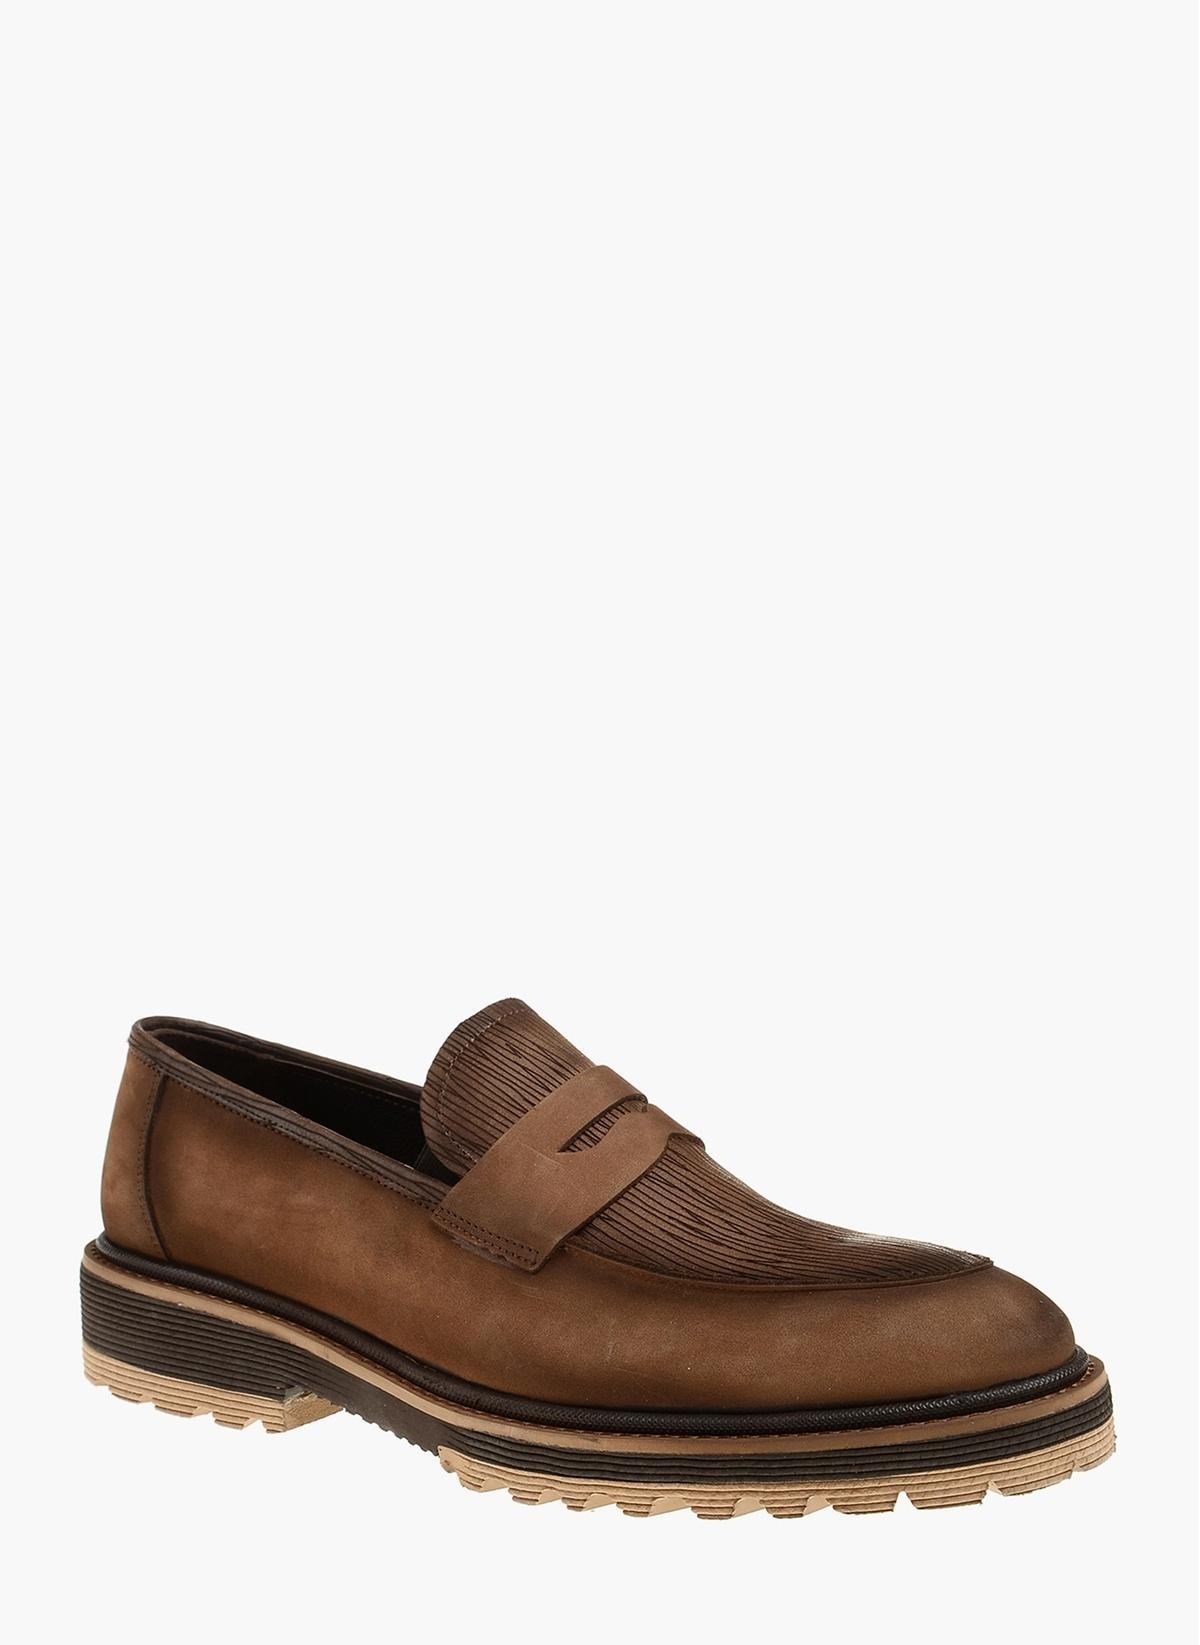 Divarese Loafer Ayakkabı 5021134-e-loafer – 279.0 TL